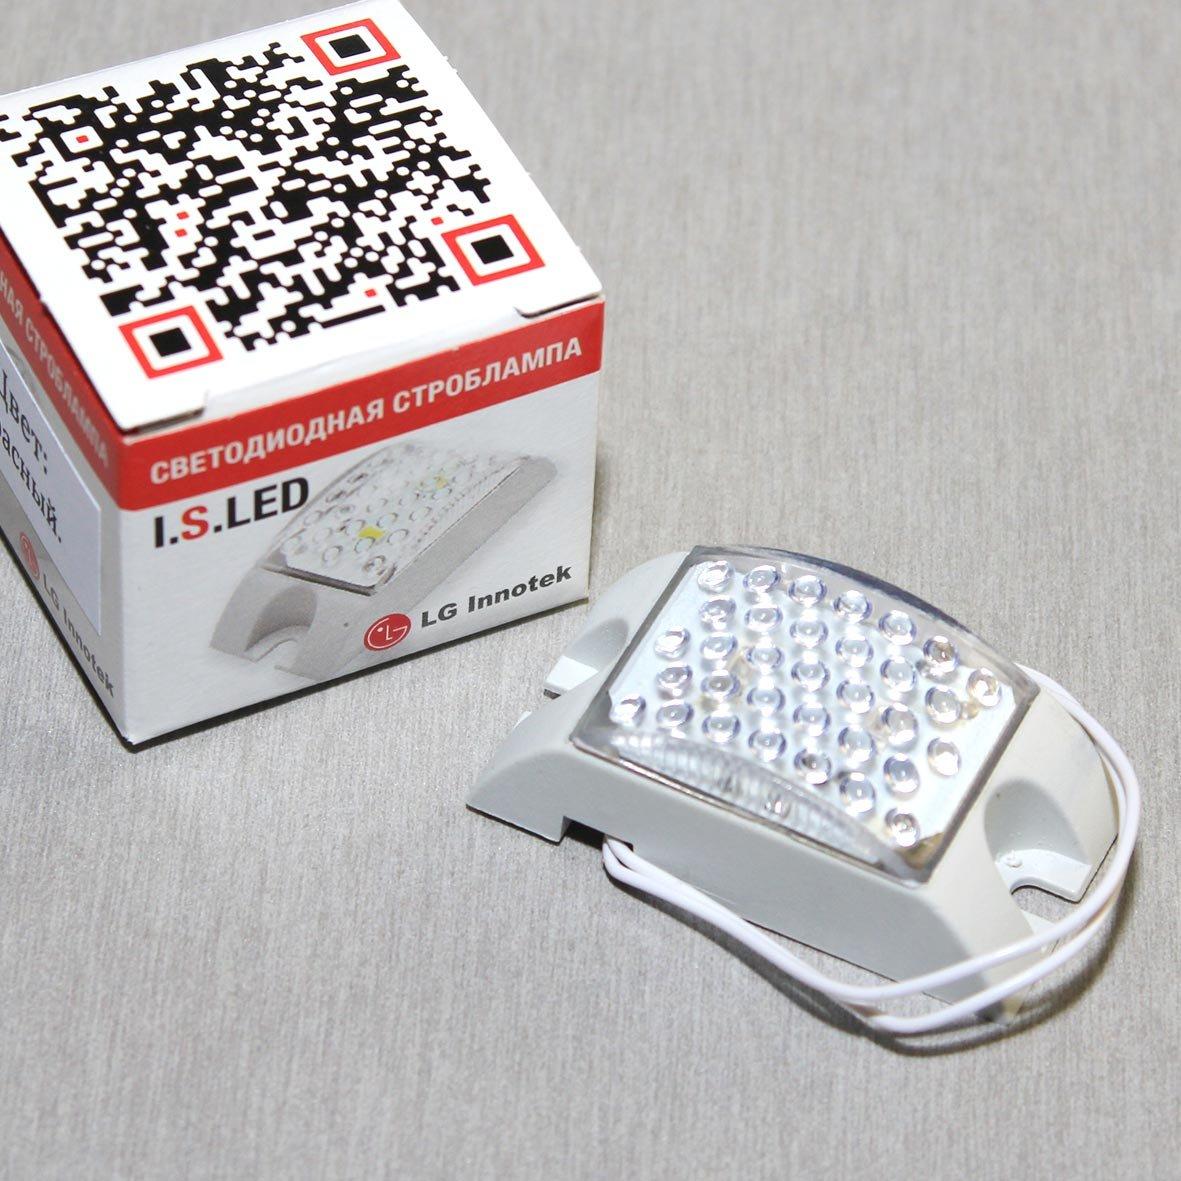 Лампа светодиодная стробоскопическая I.S.LED 220 В 1Вт